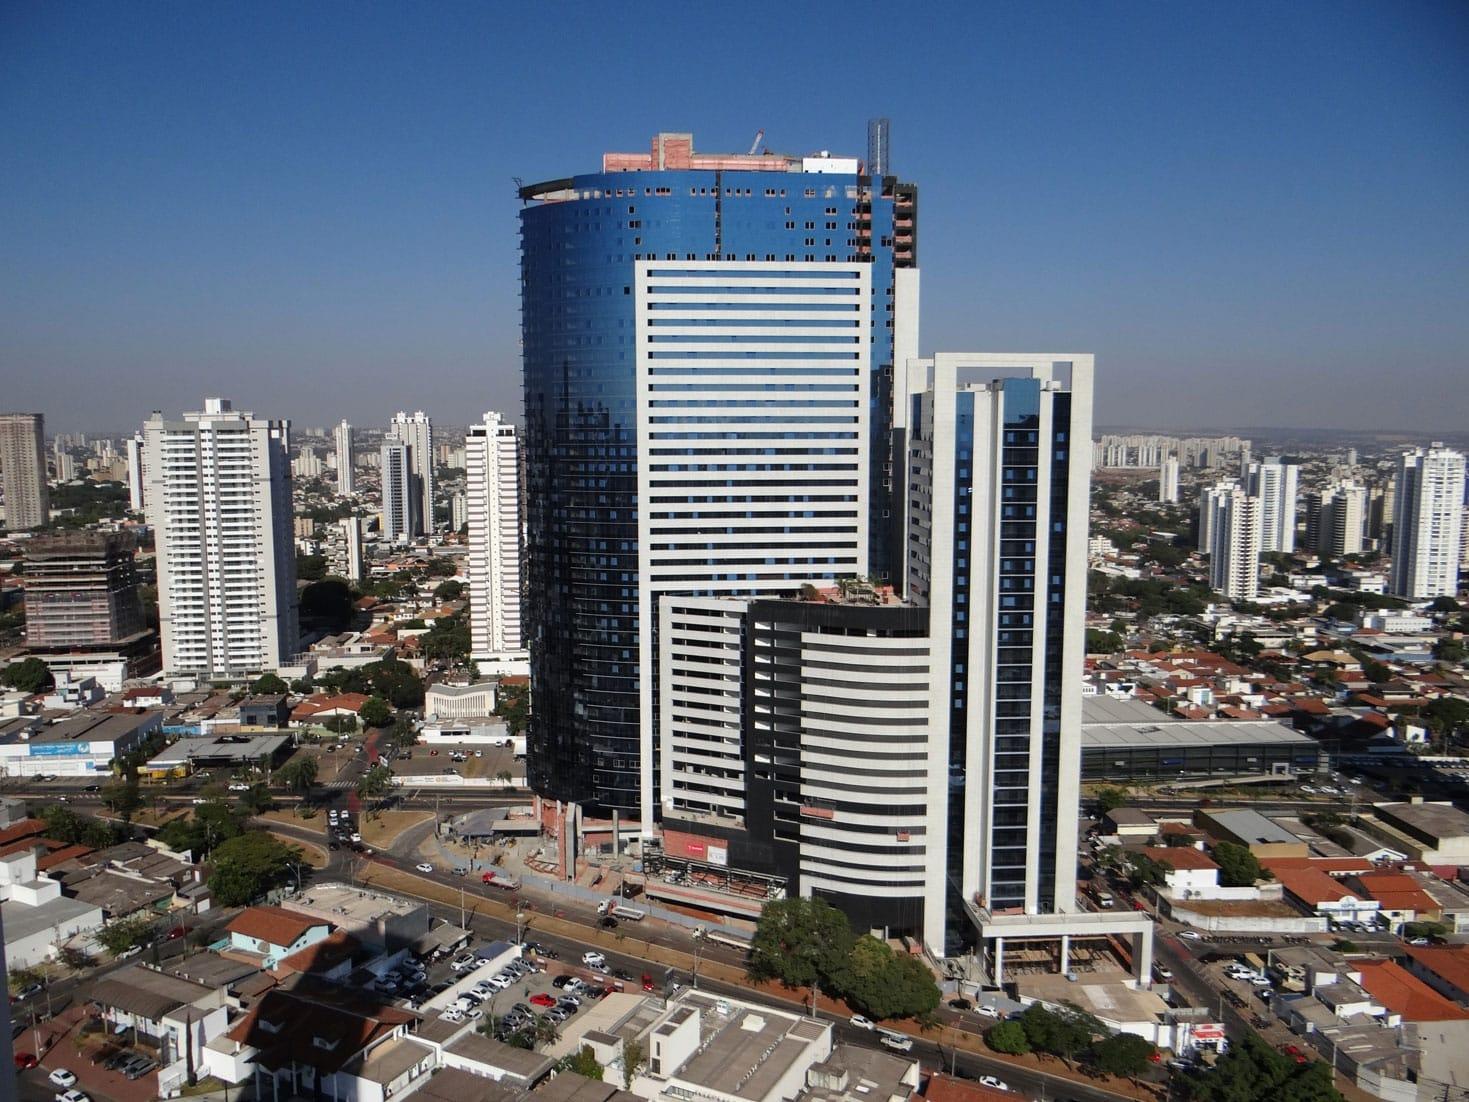 maiores edificios brasil a arquiteta 1 - Quais são os maiores edifícios do Brasil?